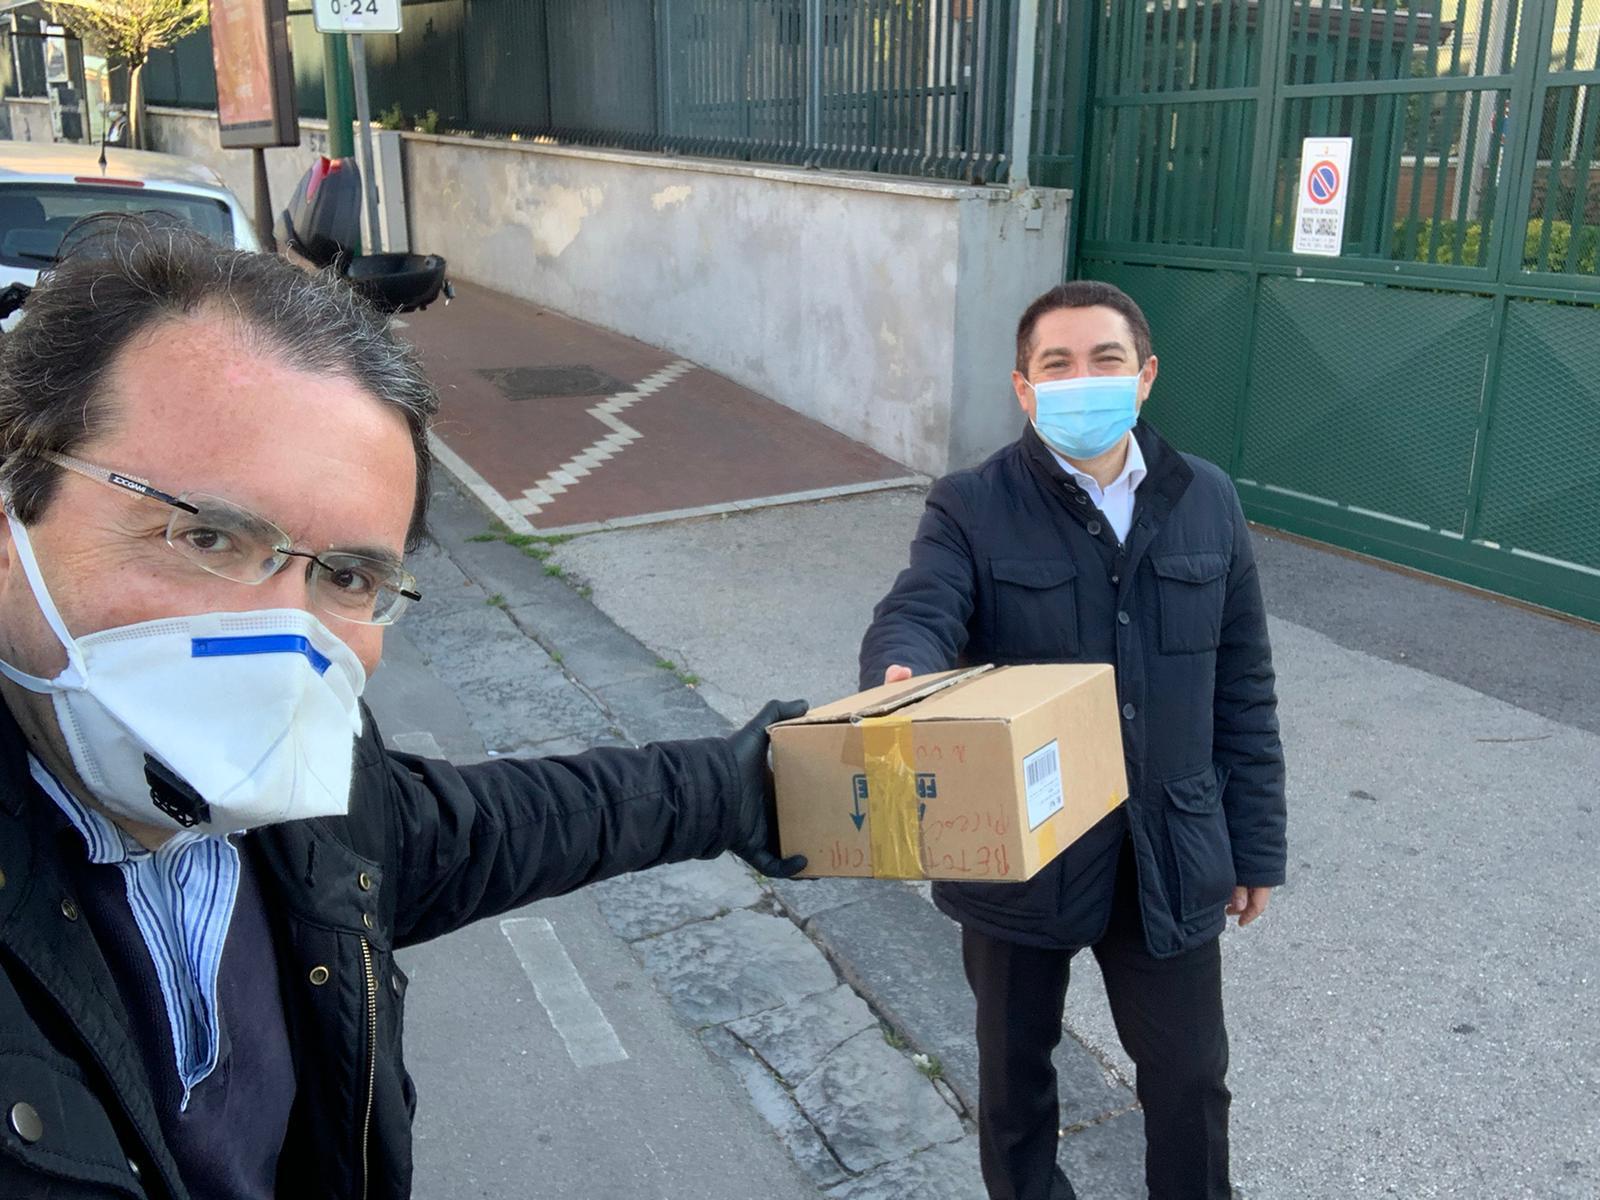 Consegna delle maschere monouso al Carcere di Carinola